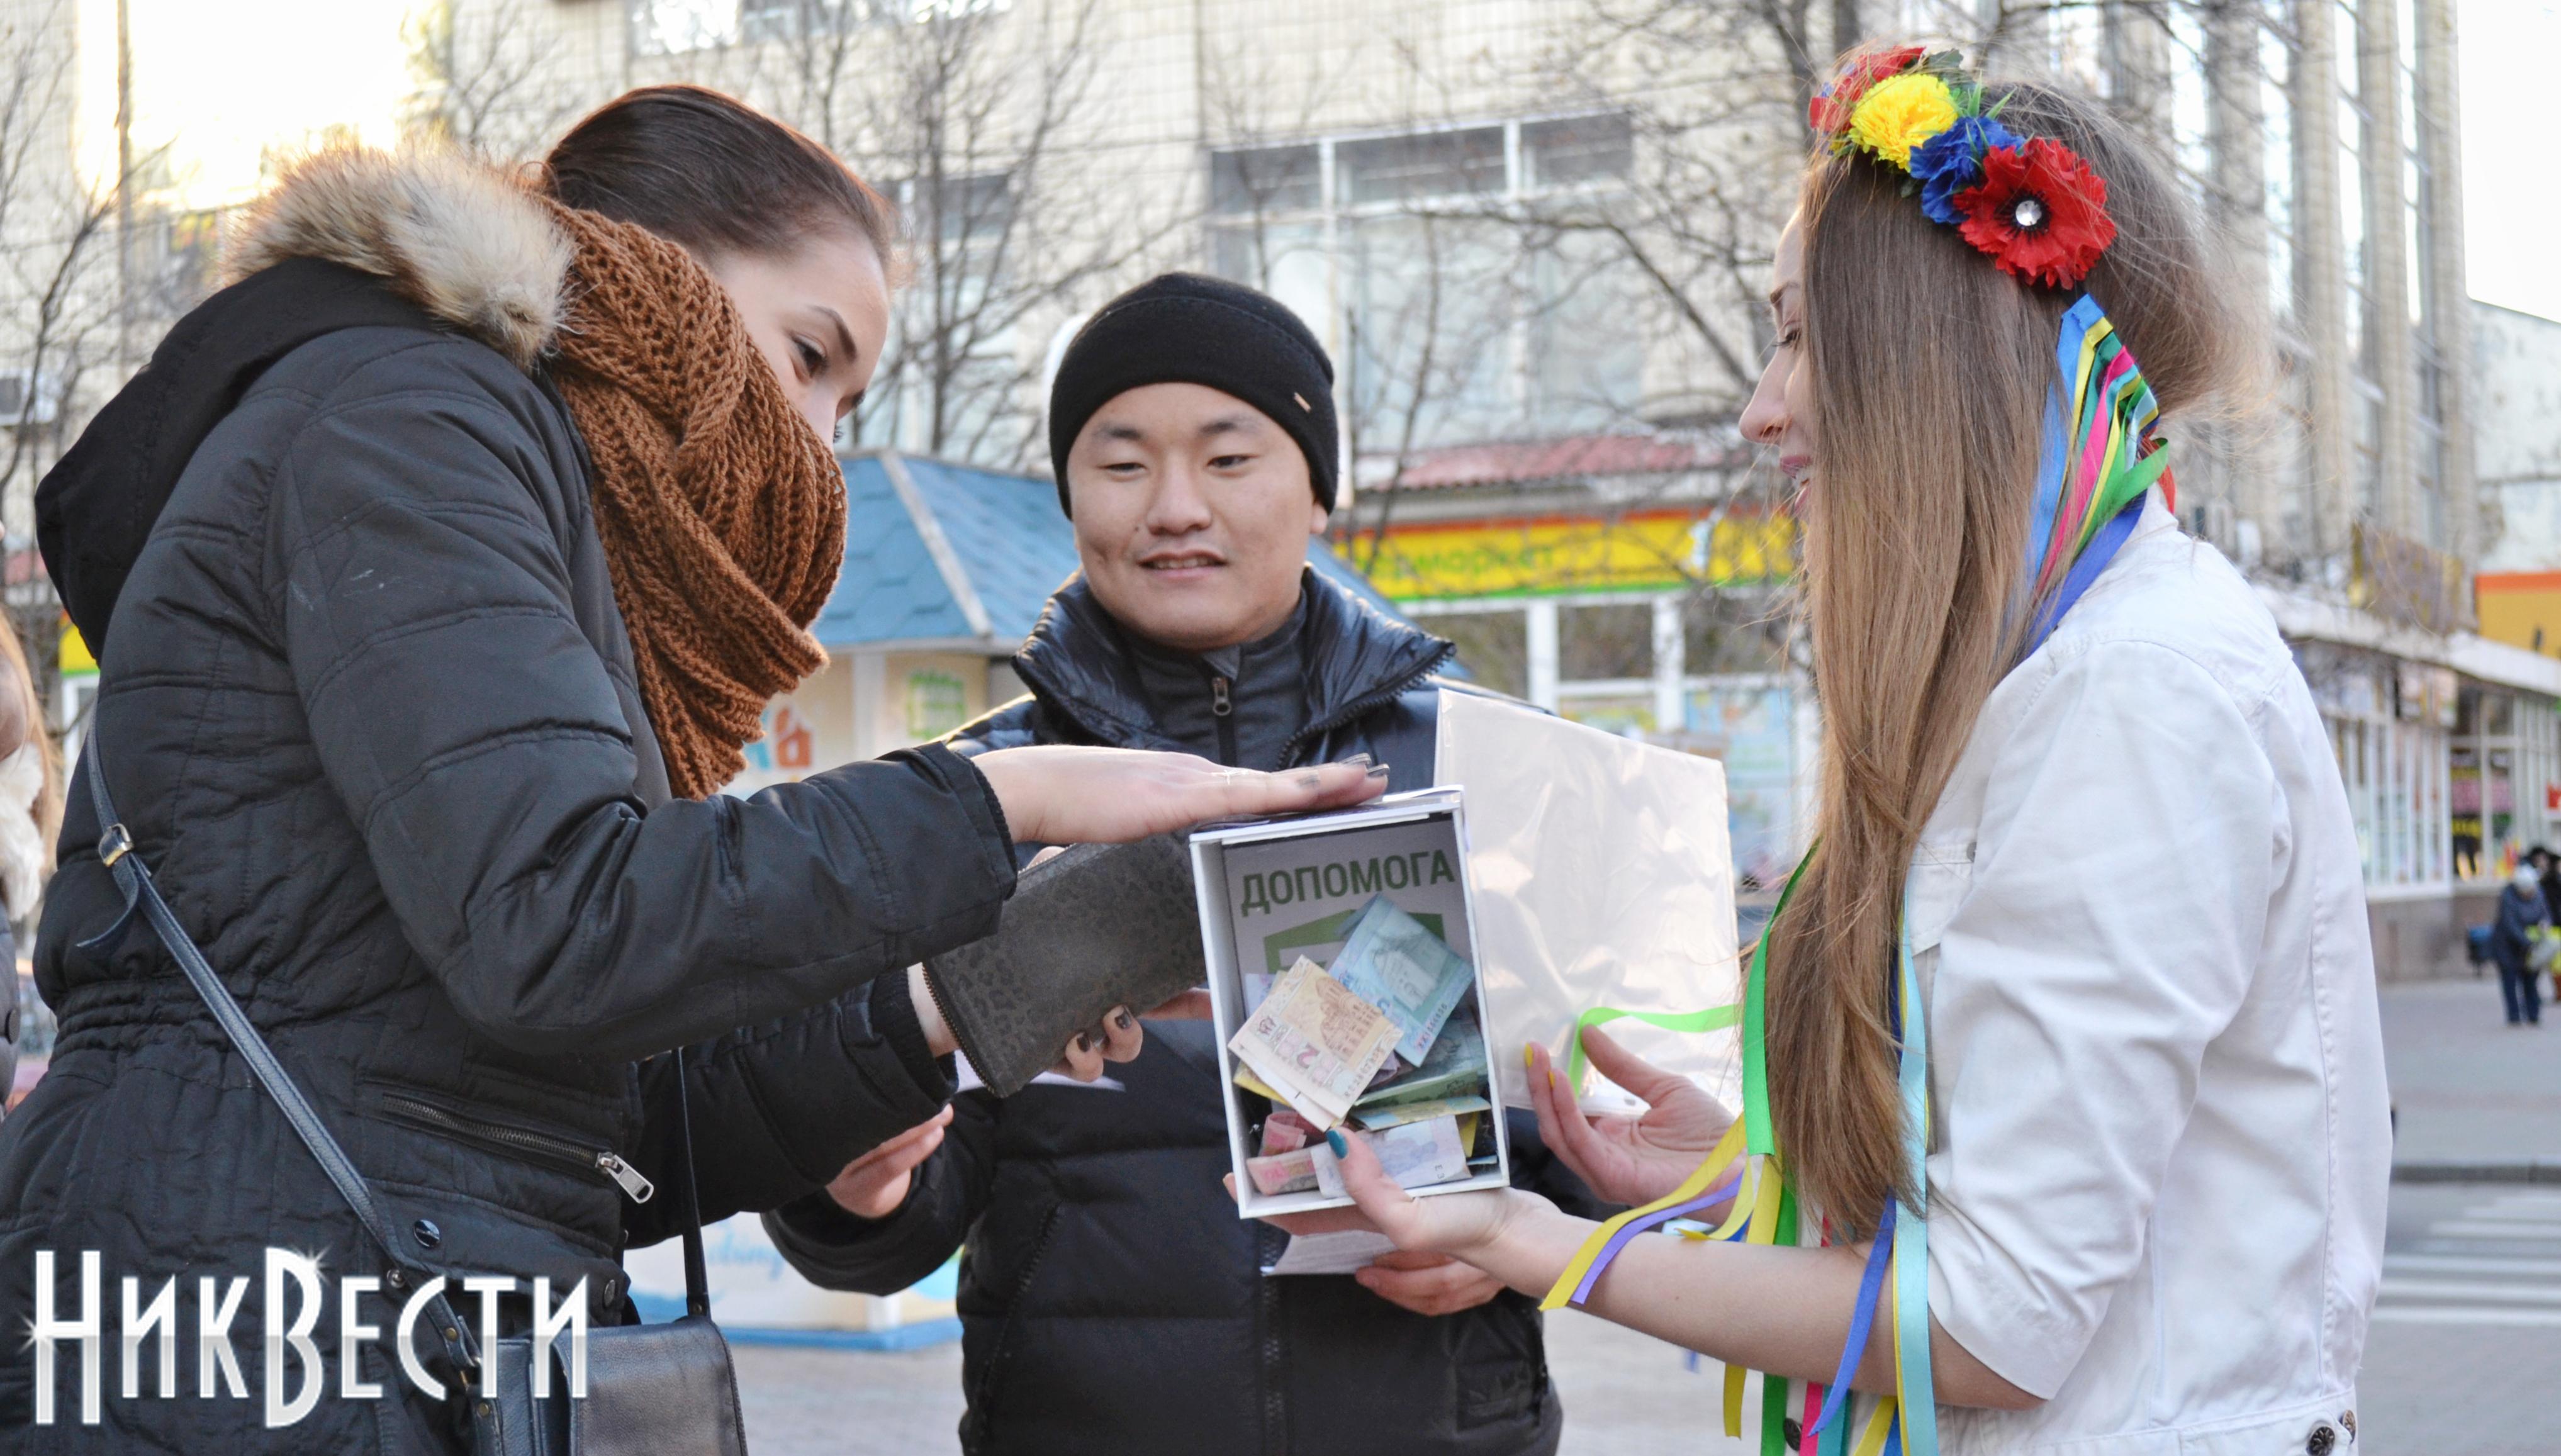 Смелые николаевские девушки вышли на центральную улицу города в летней одежде, чтобы помочь солдатам